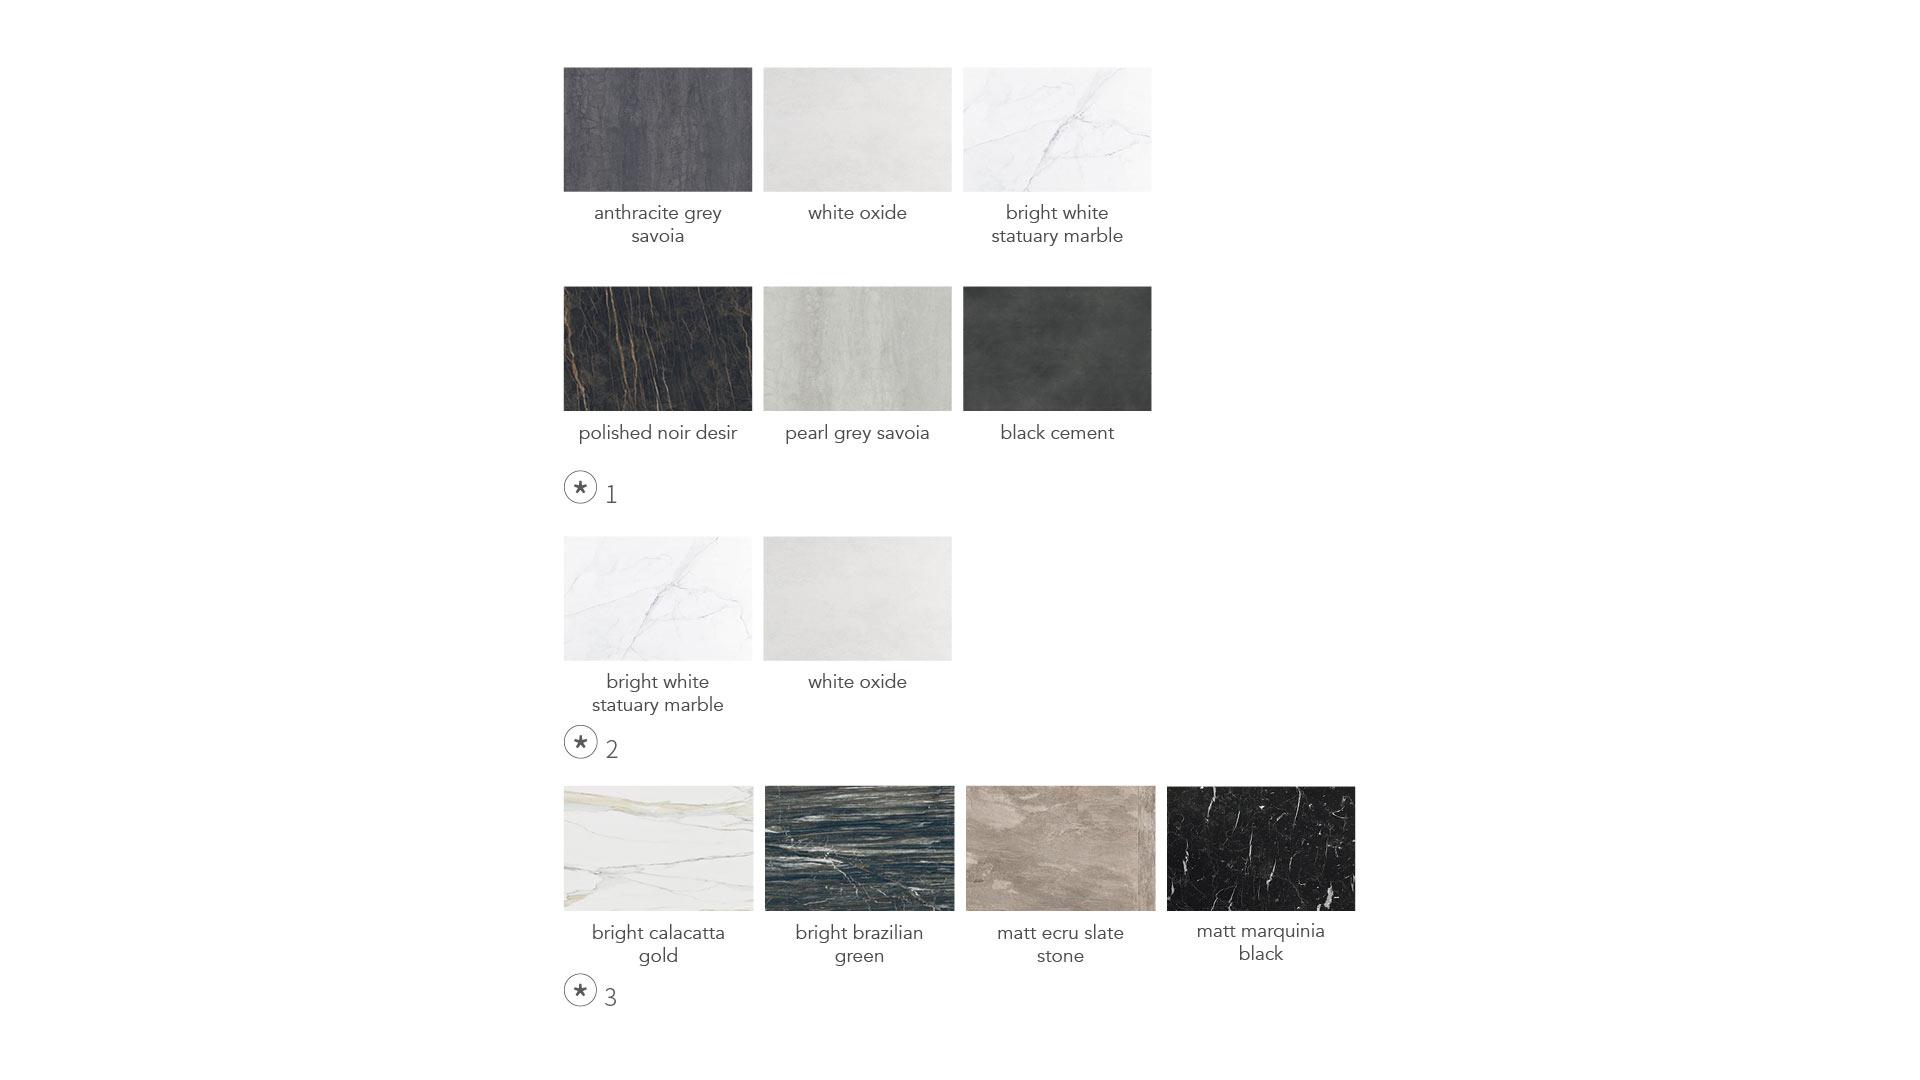 materiali_piani_tavolo_ceramica_1920x1080